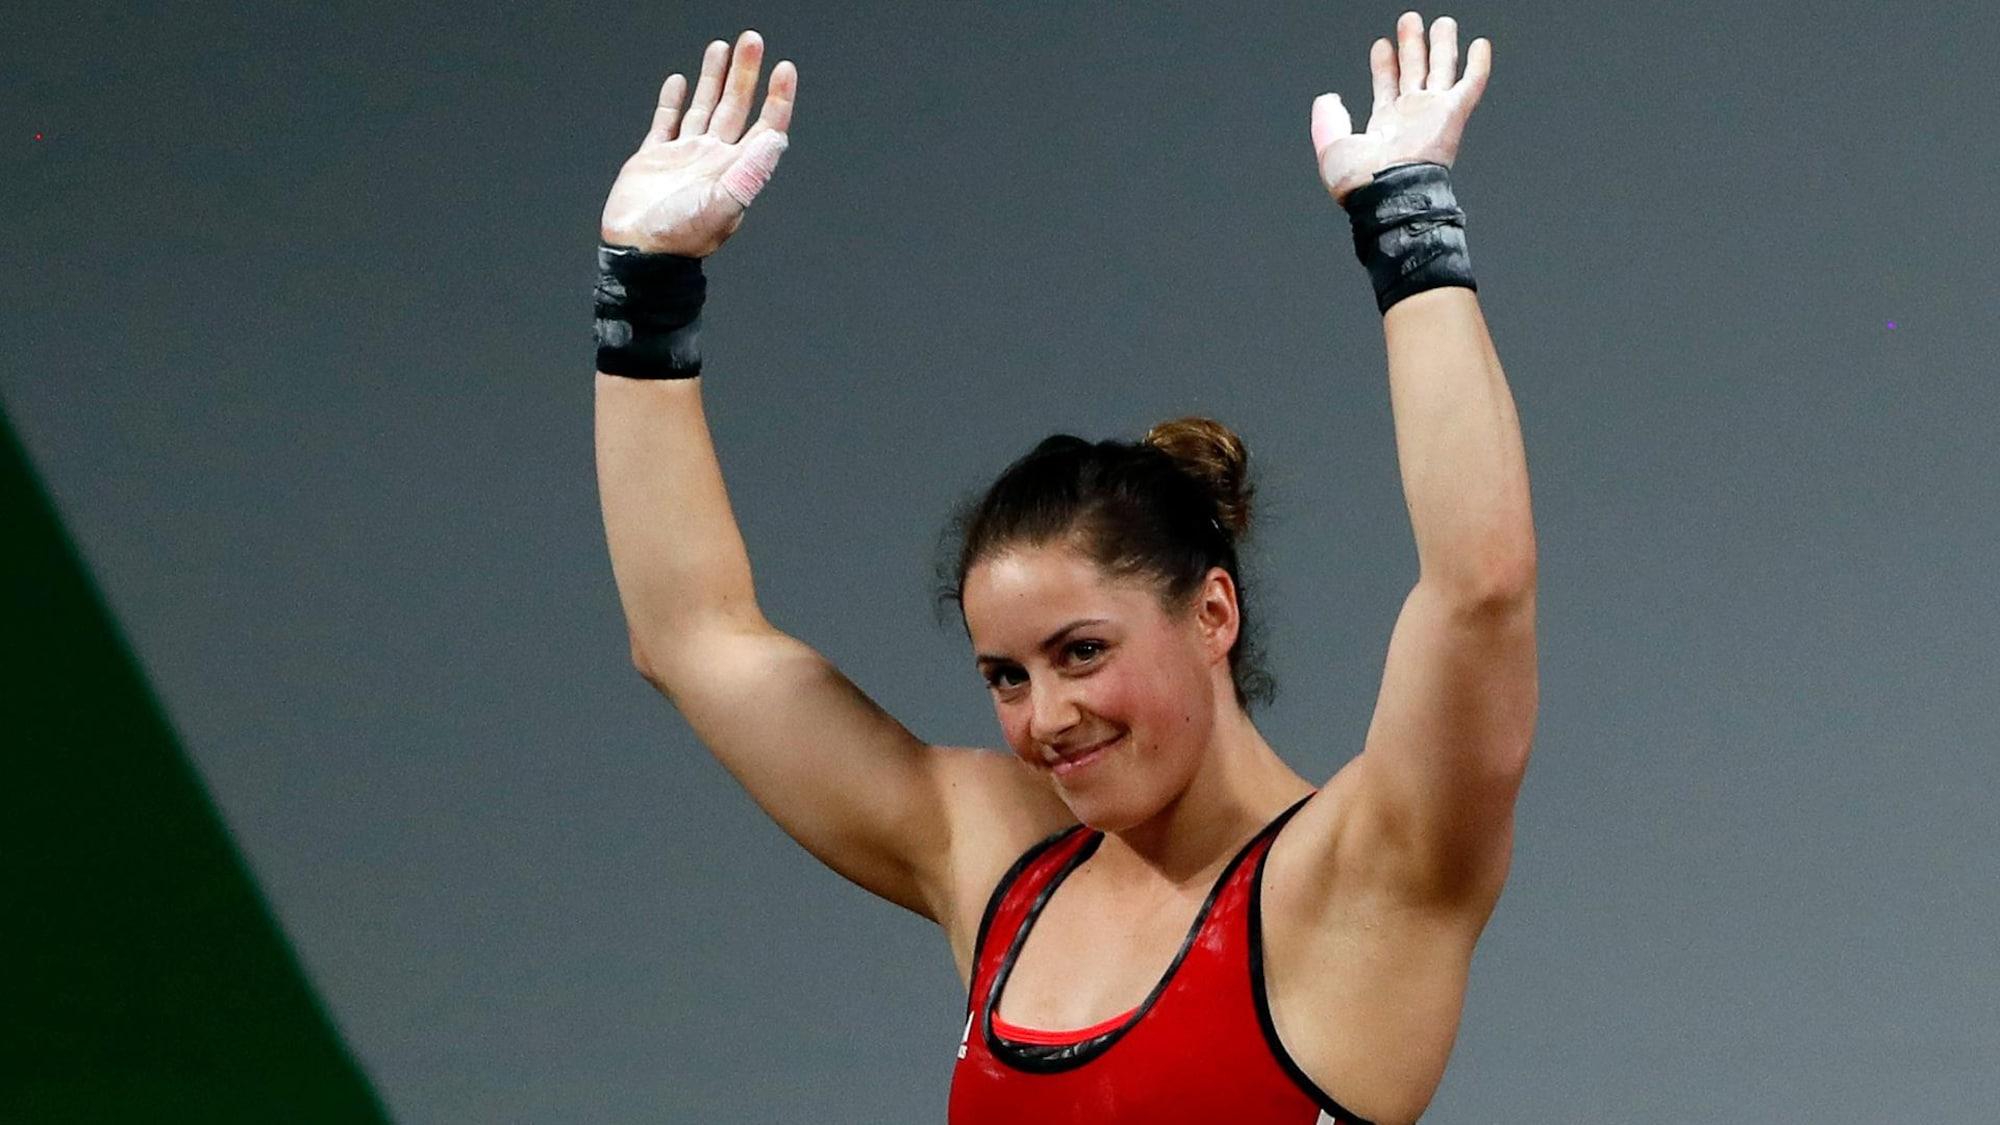 Une haltérophile lève les bras en souriant.